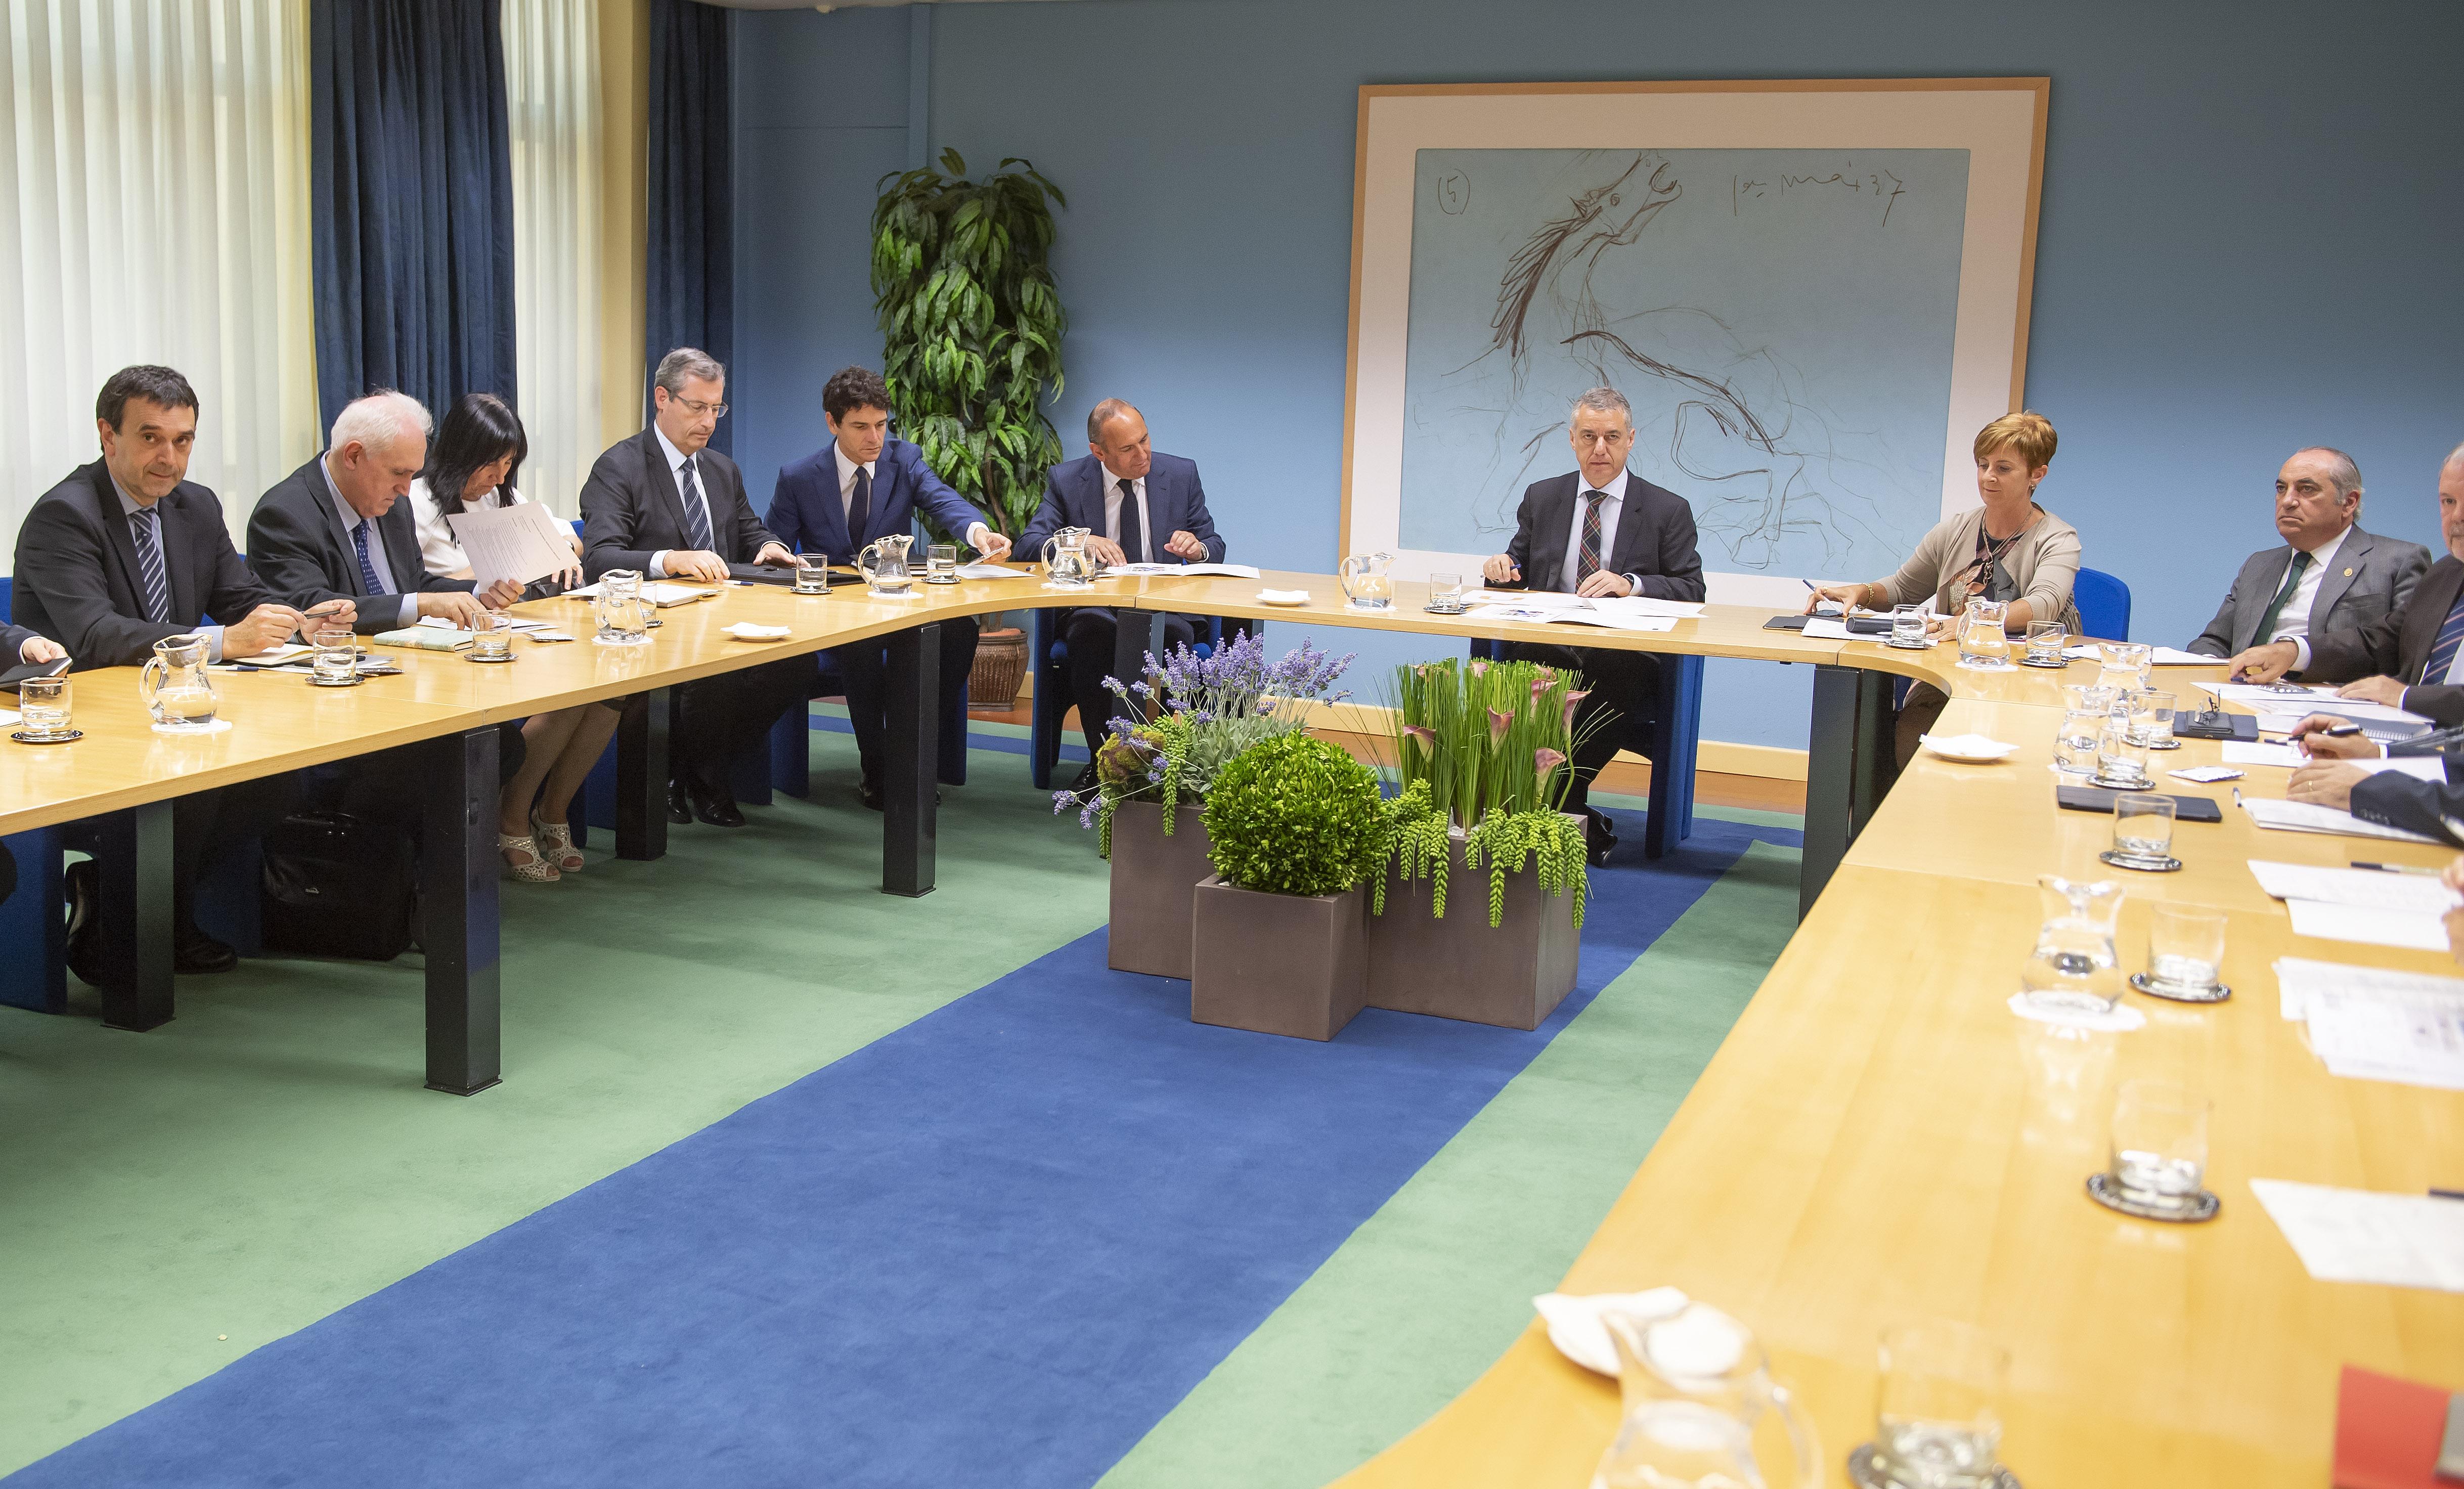 El Gobierno Vasco dedicará 1.775 millones de euros en la legislatura a impulsar la I+D+i manteniendo su compromiso de aumento presupuestario de un 5% anual